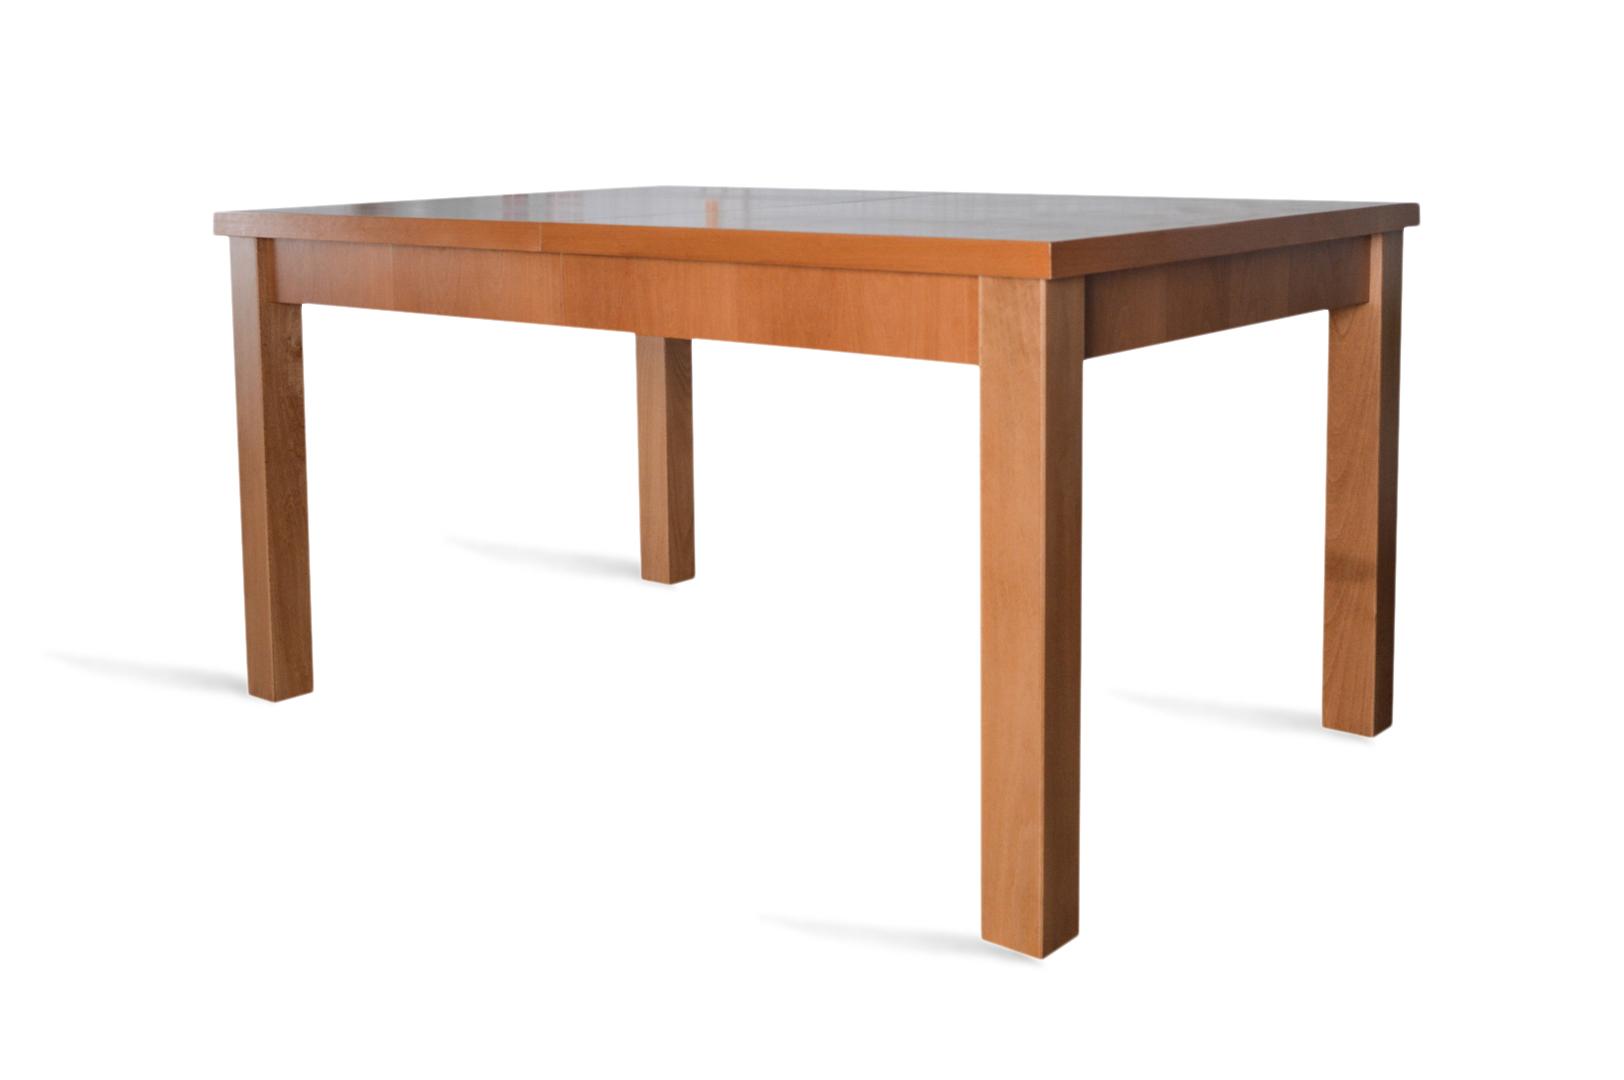 Stół W1 100x150cm rozkładany do 250cm + 6 krzeseł MODEL-37